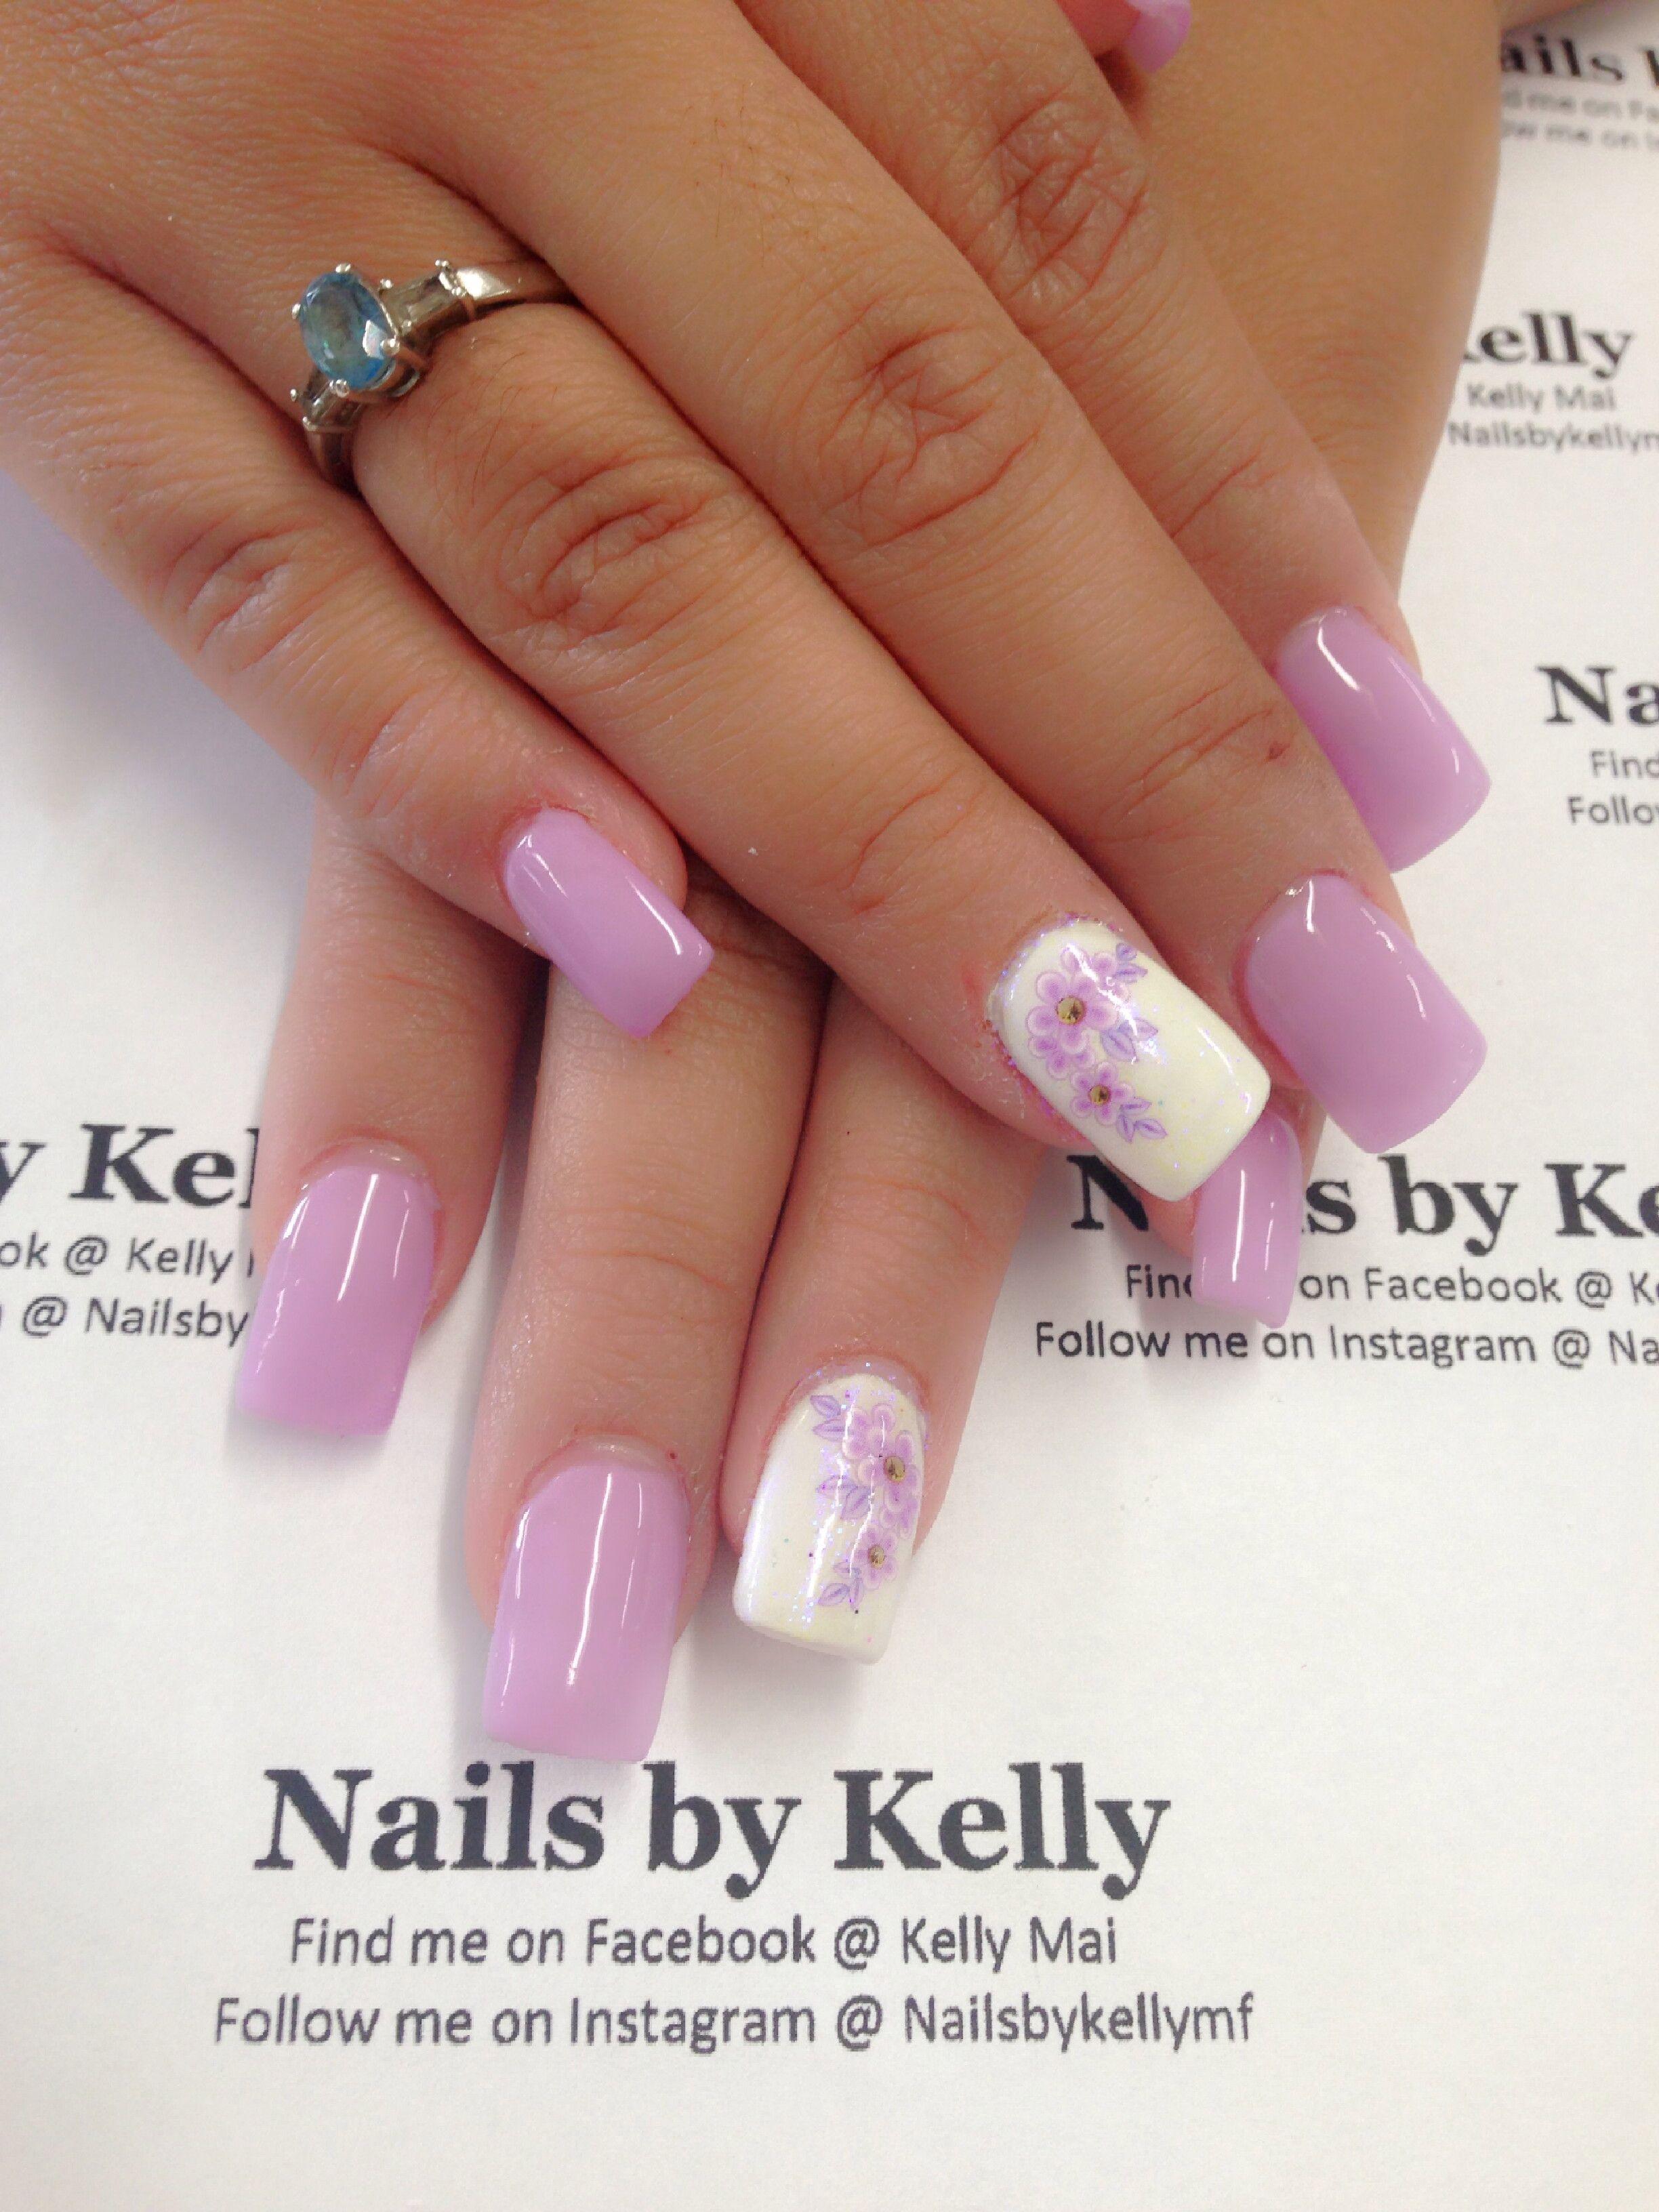 Gel nails with spring flowers - nagels | Pinterest - Nagel ...